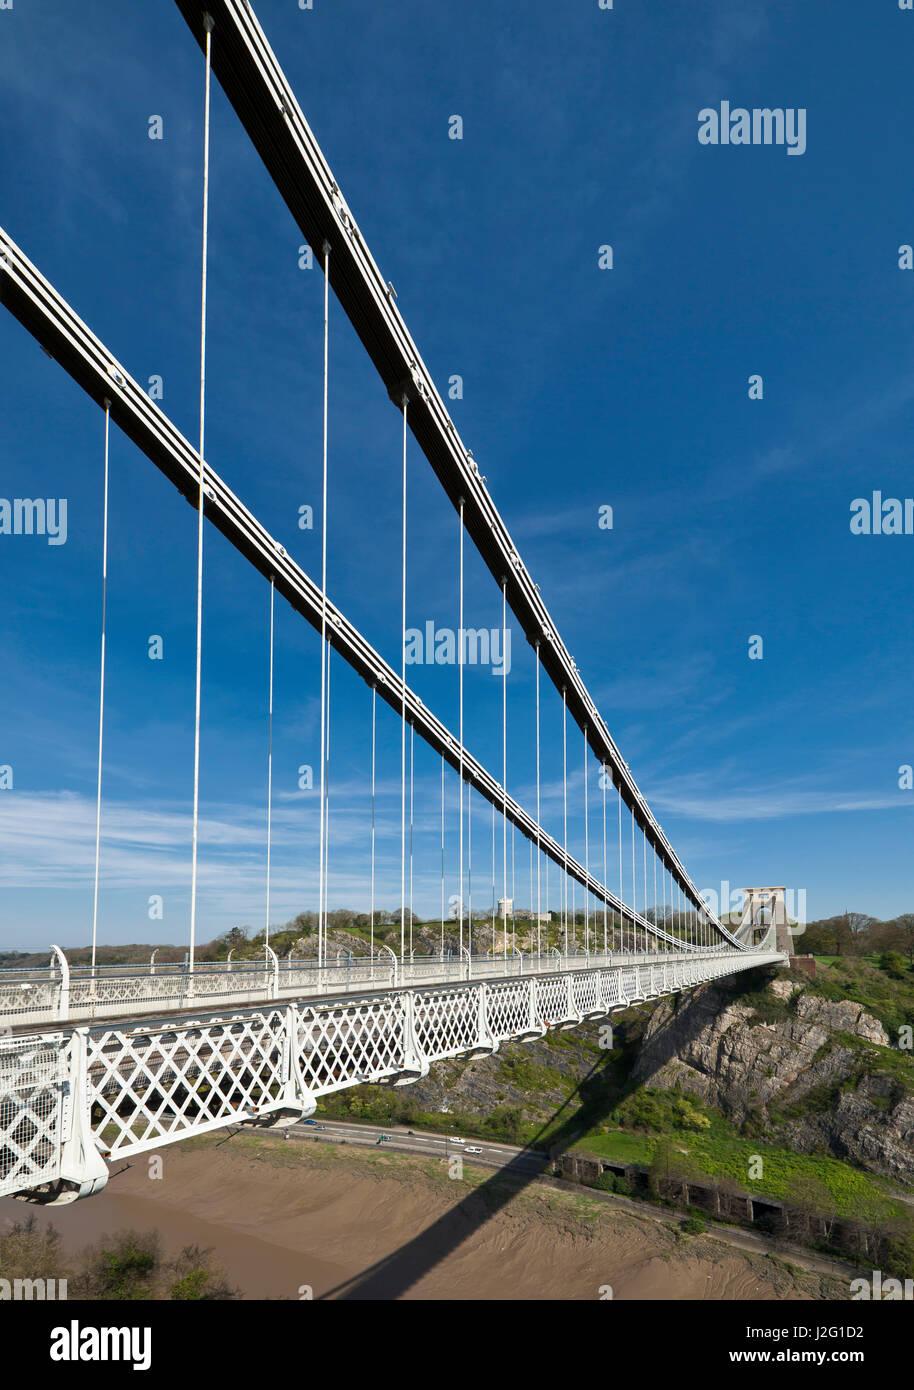 Clifton Suspension bridge. - Stock Image